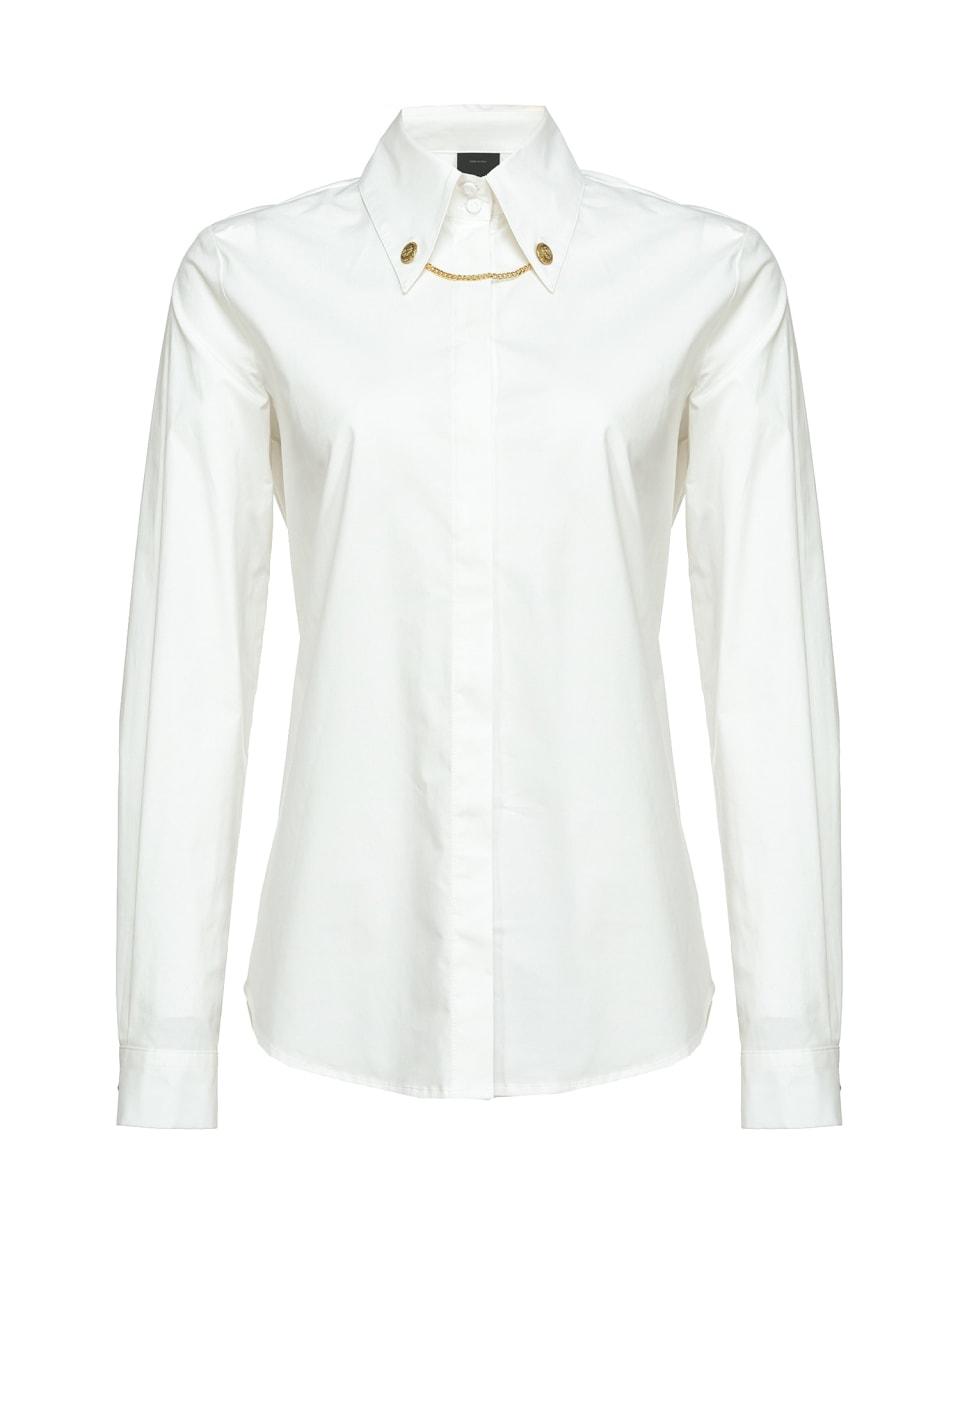 链扣装饰衣领衬衫 - Pinko